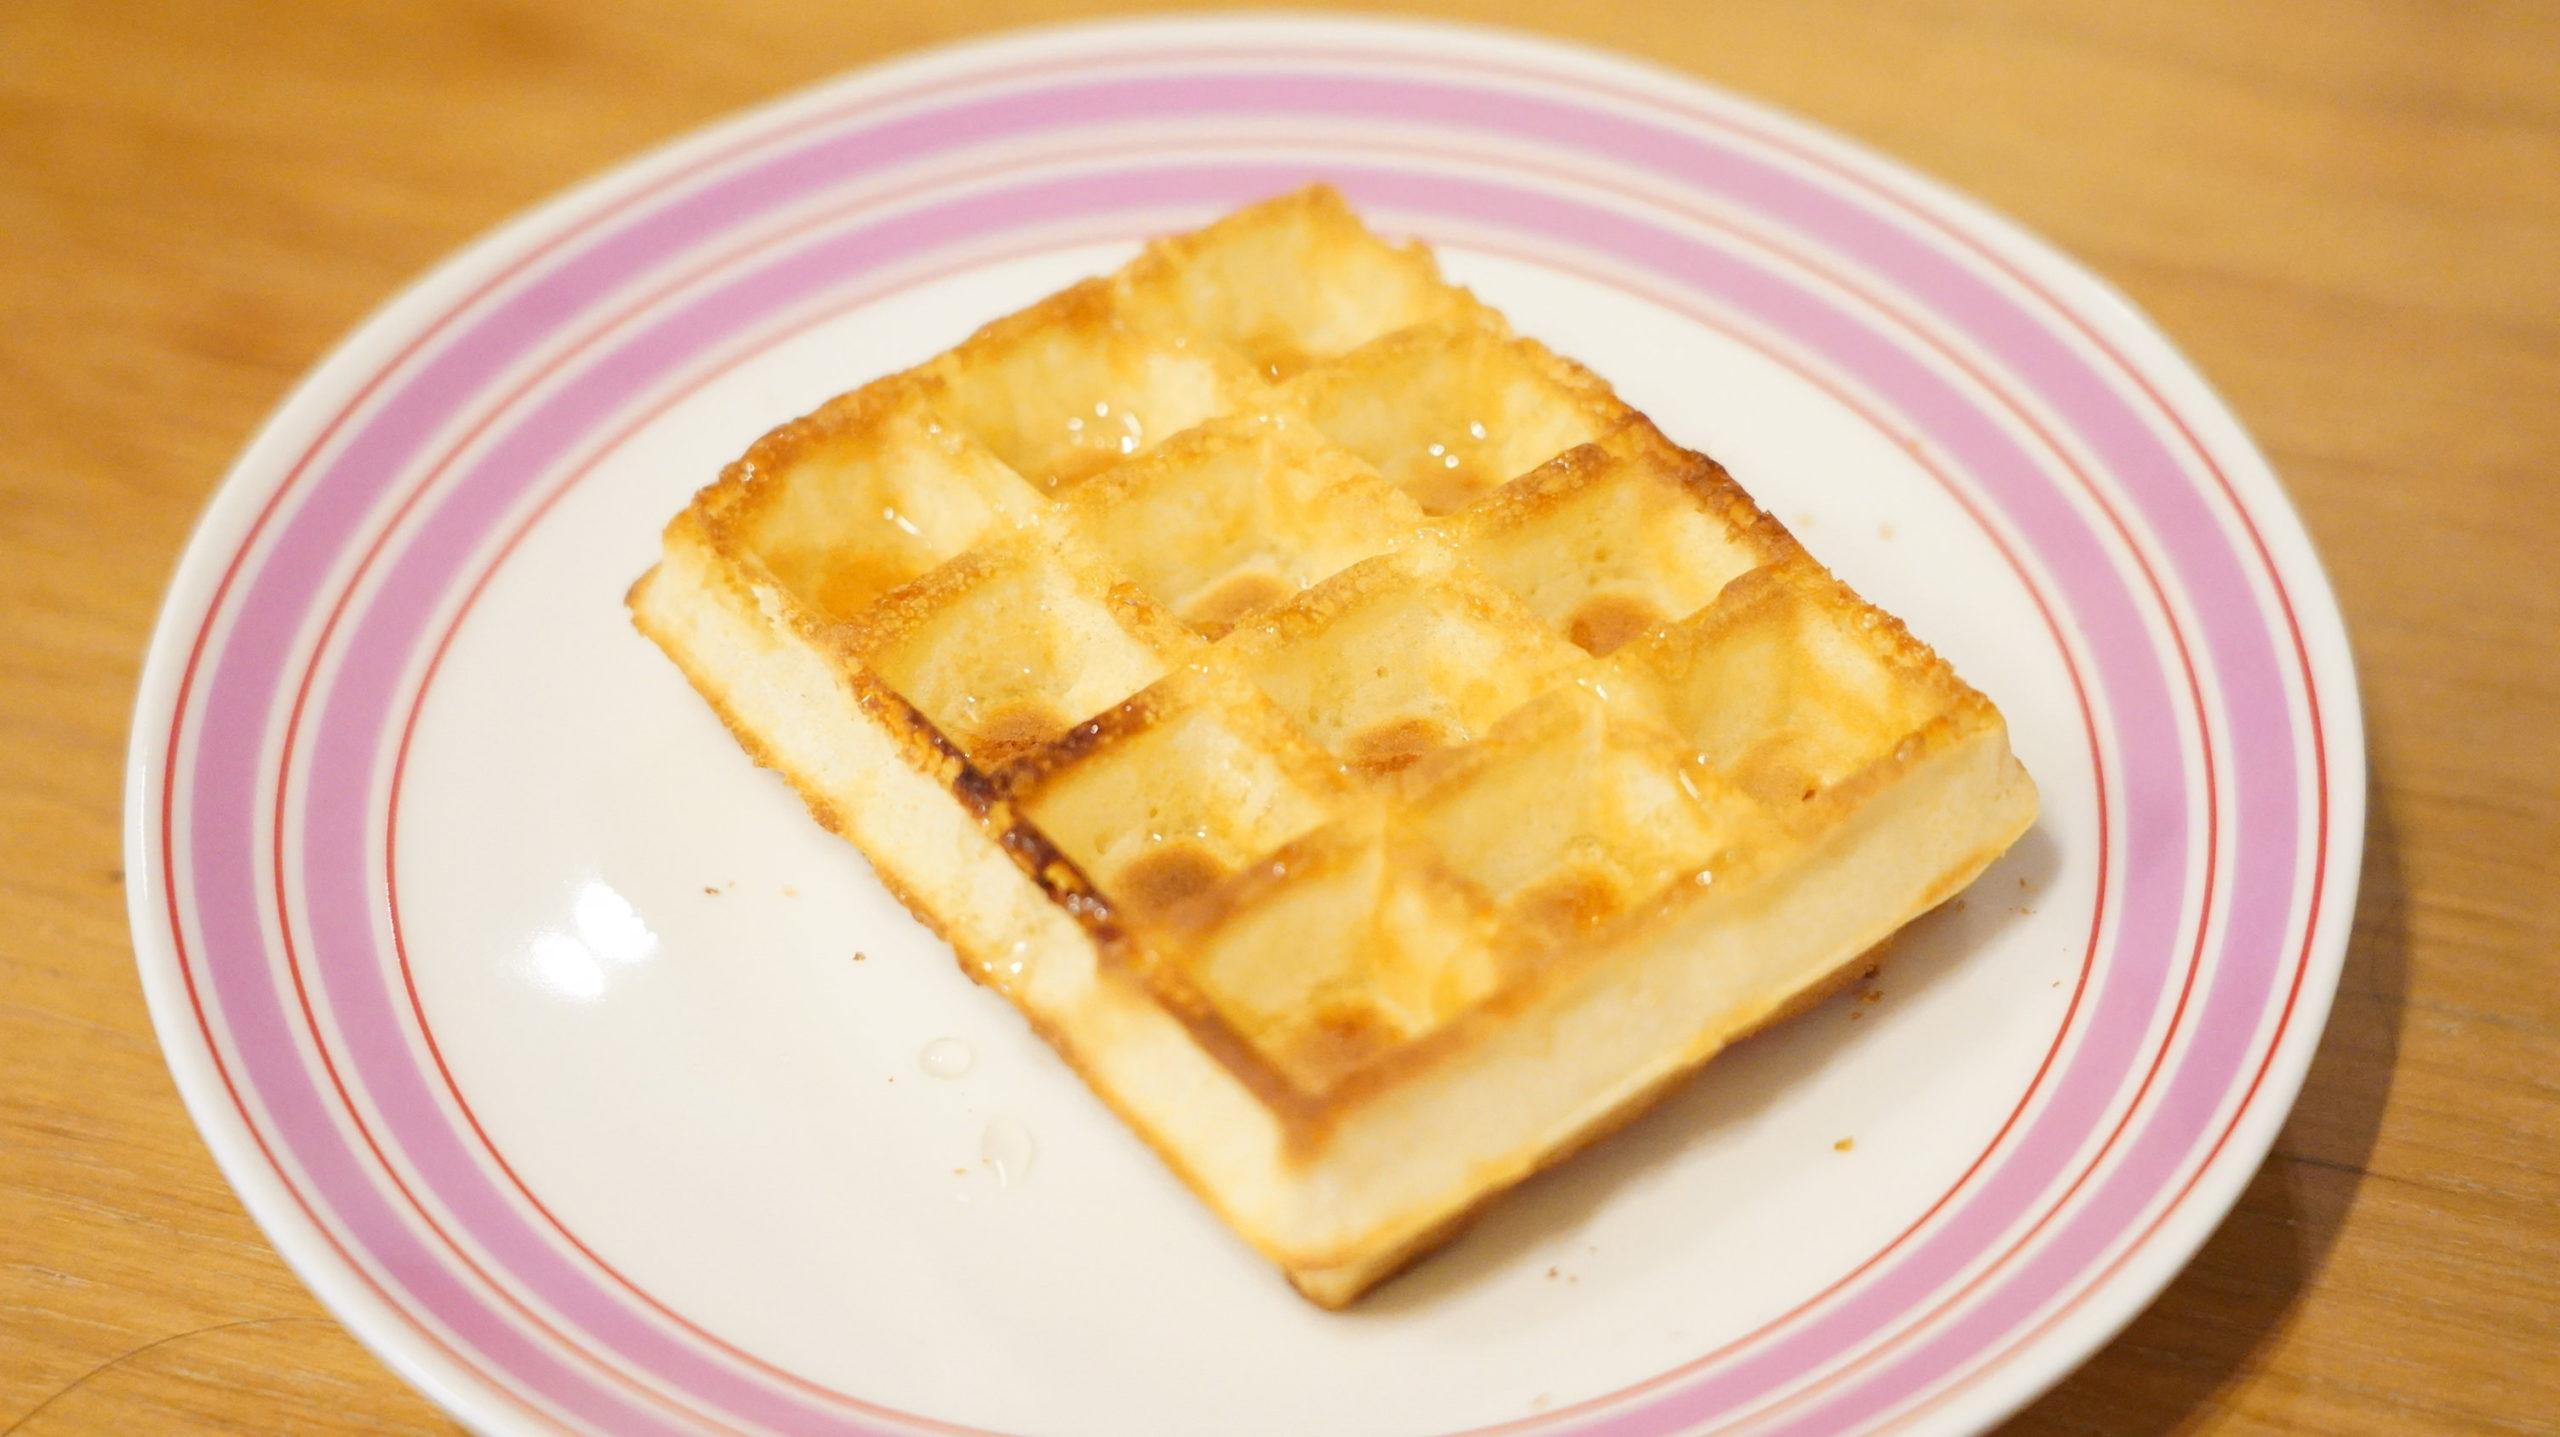 ピカールのおすすめ冷凍食品「冷凍ワッフル」にハチミツをかけた写真